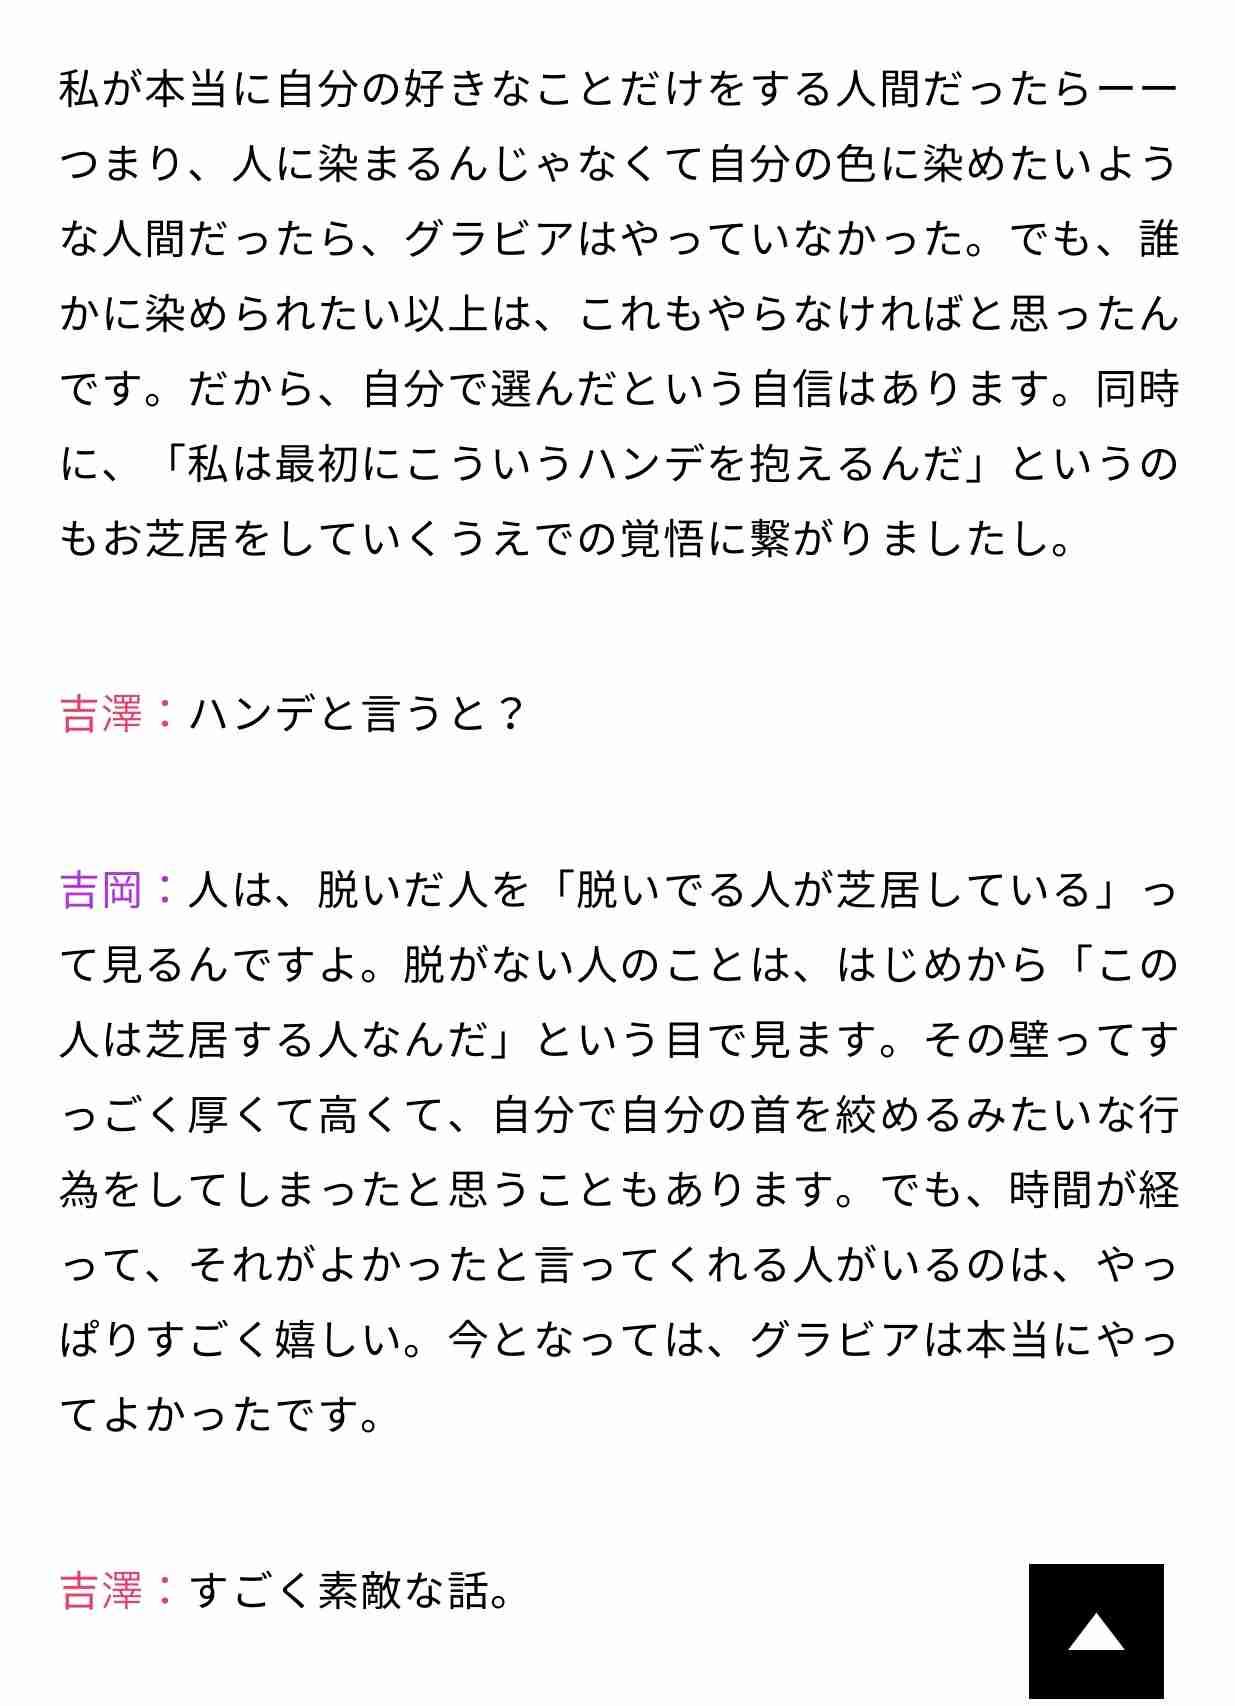 吉岡里帆がグラビアの仕事に感謝 「嫌だった」との情報拡散に困惑